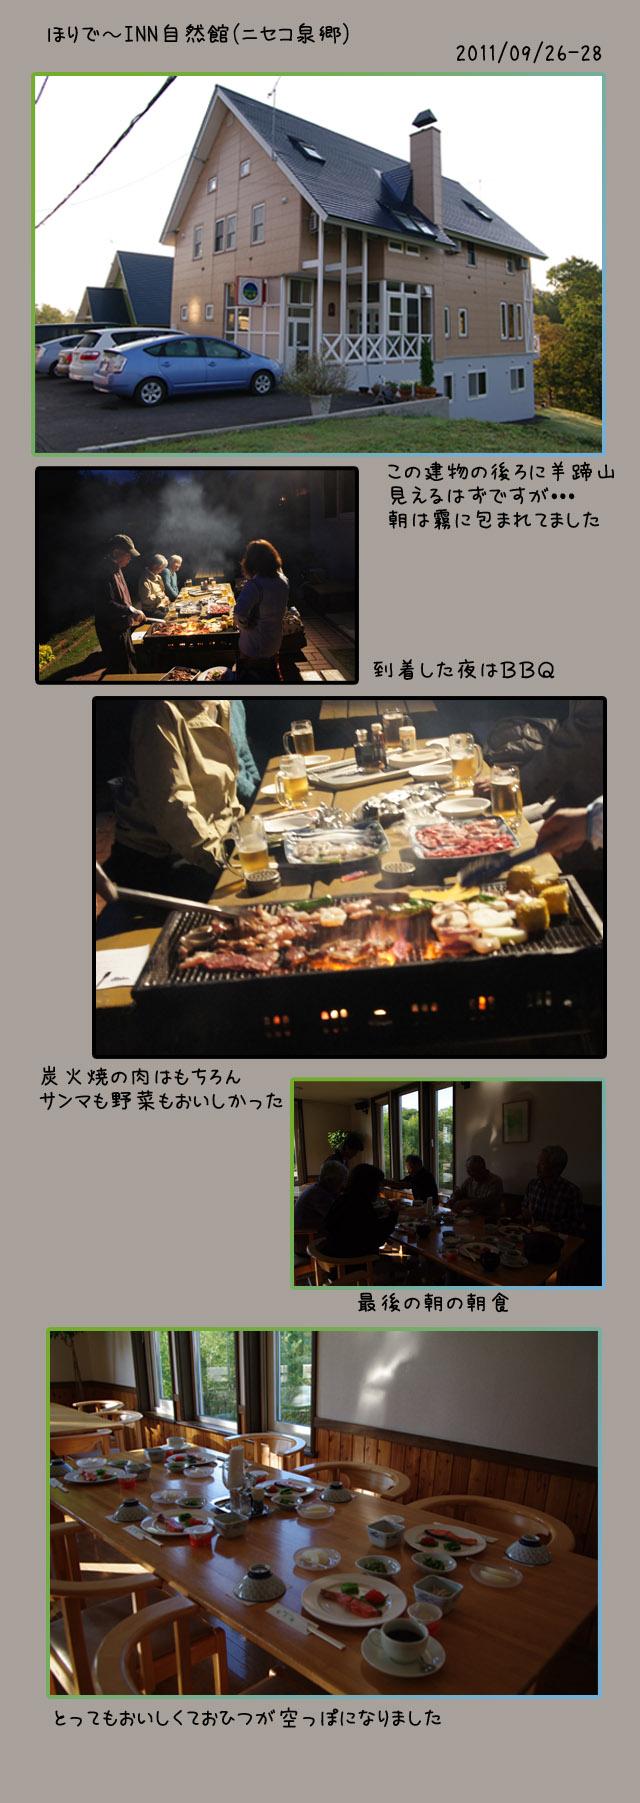 ほりで~INN自然館(ニセコ泉郷)_b0019313_188521.jpg